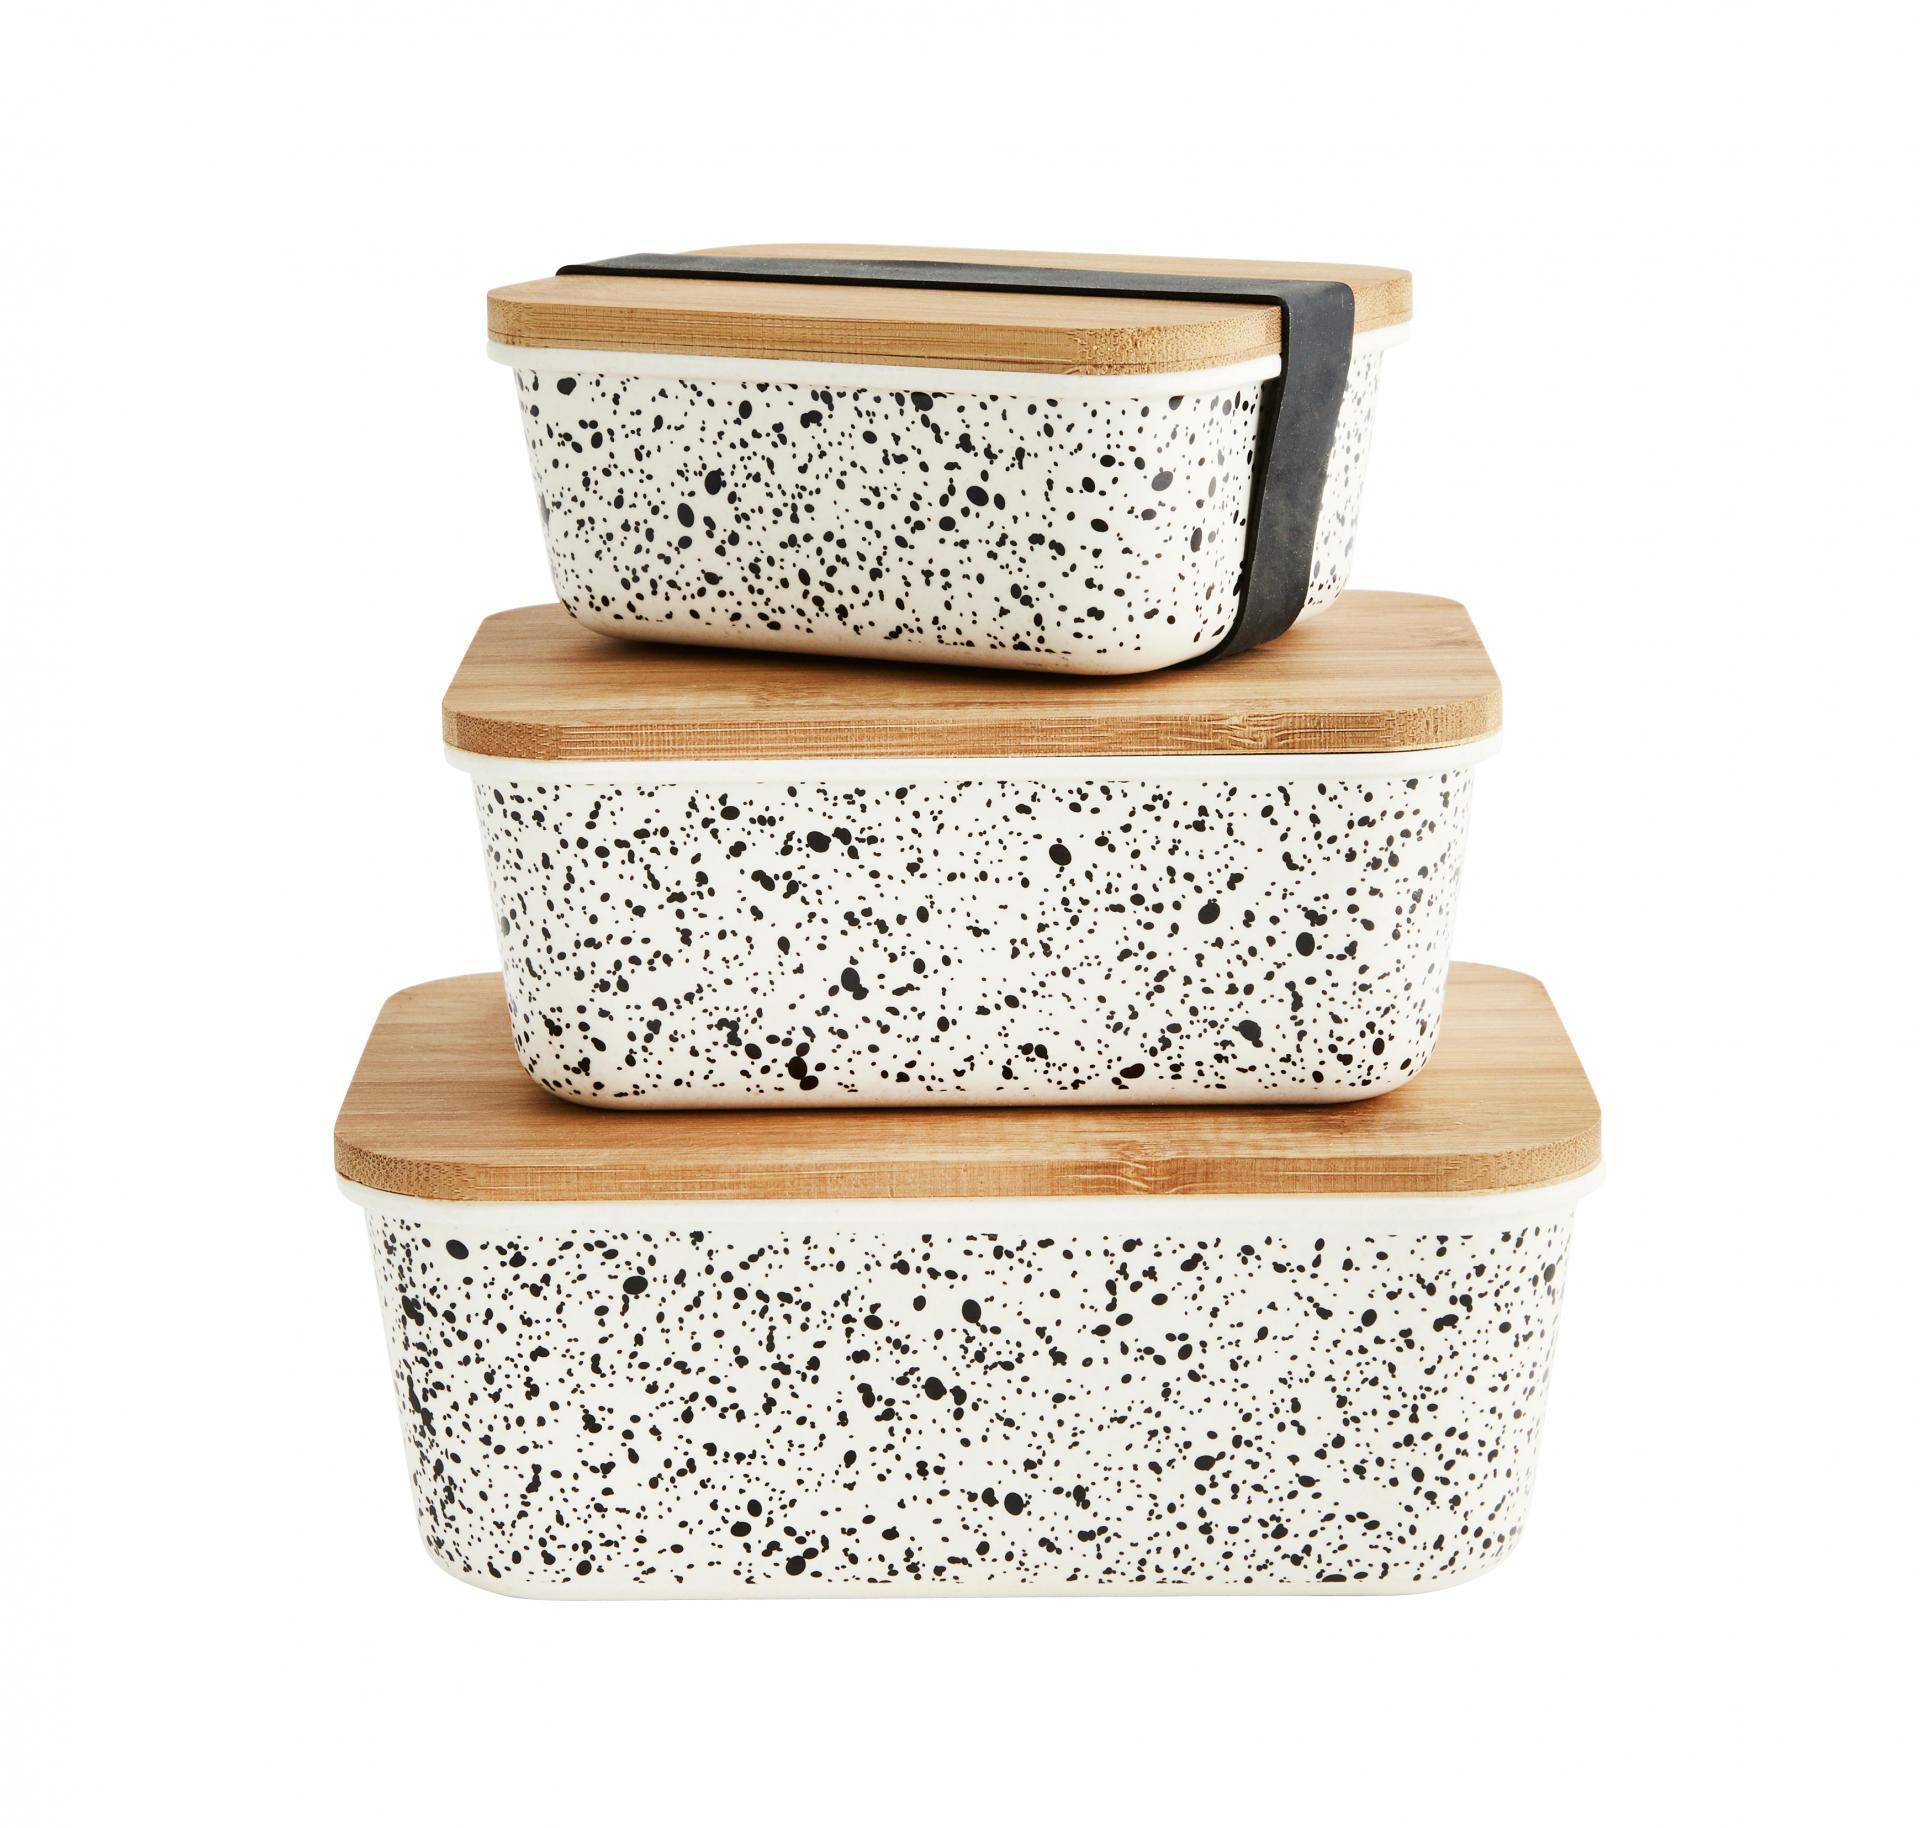 MADAM STOLTZ Úložné dózy Rectangular Containers Bamboo set 3 kusů, béžová barva, černá barva, přírodní barva, dřevo, plast